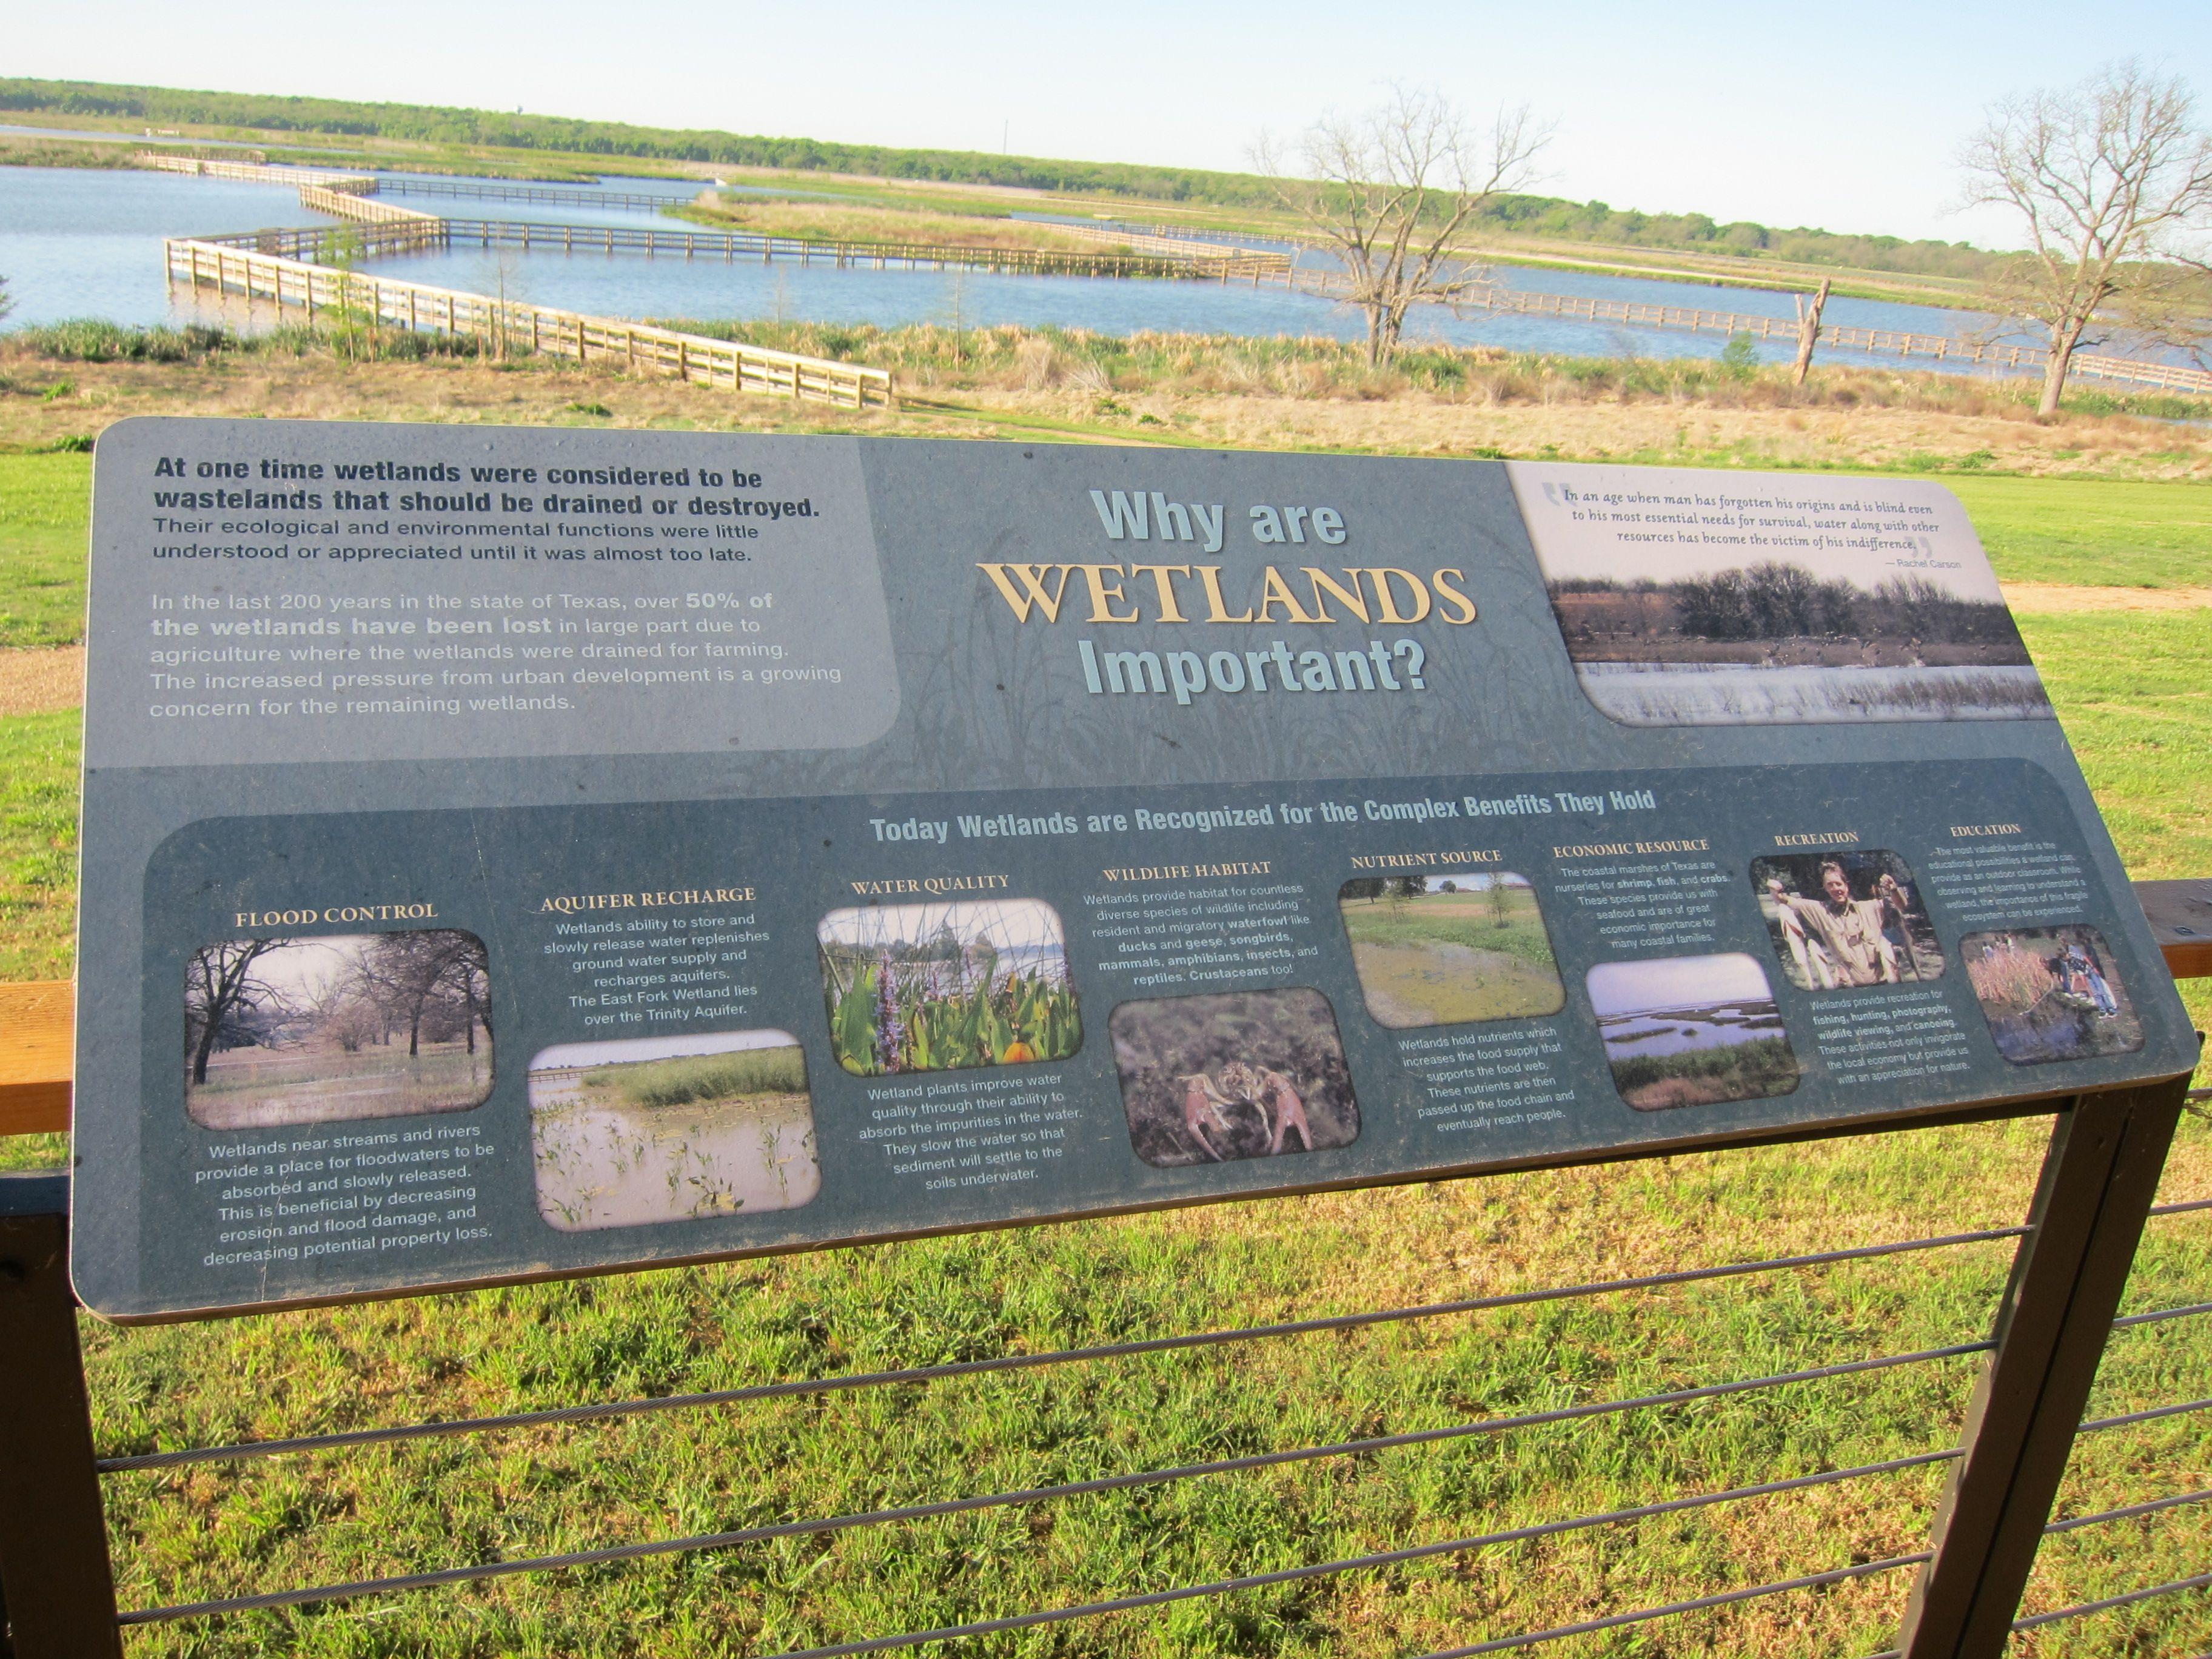 Wetland Signs Etlands Information Sign At John Bunker Sands Wetland Center Photo Wetland Sand Bunker